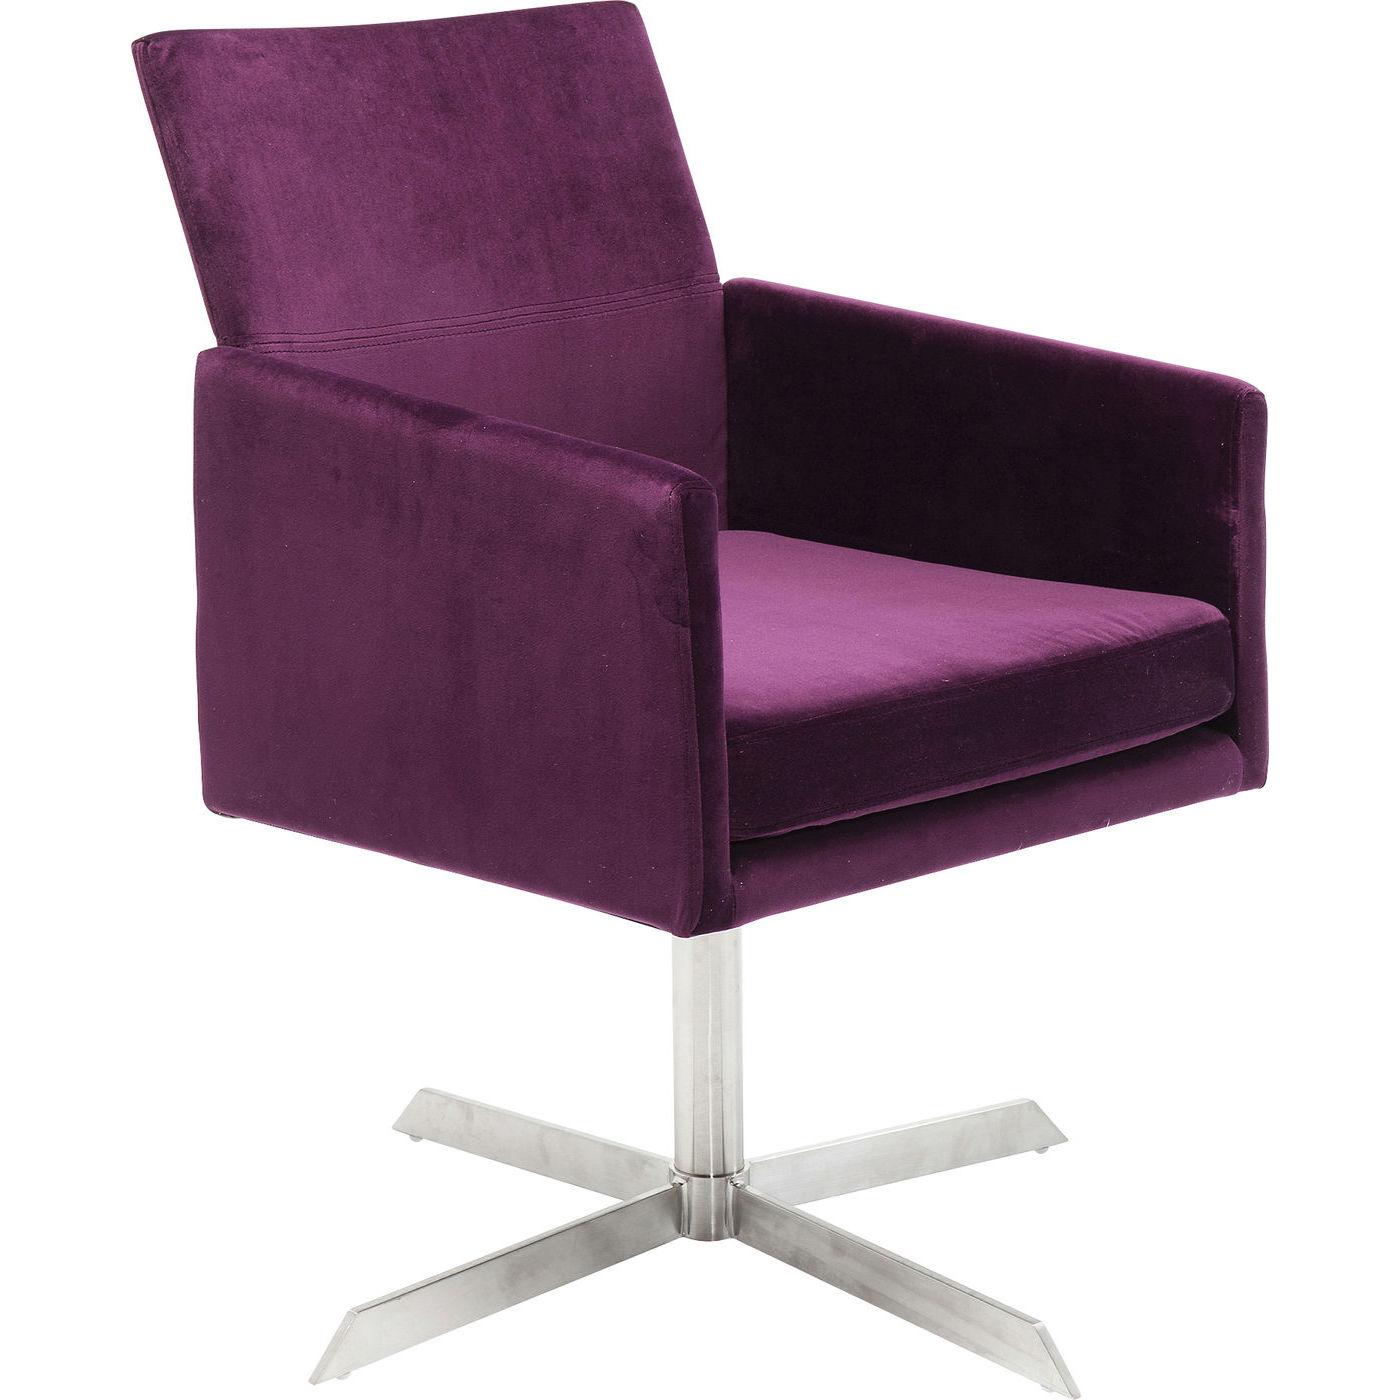 Kare design swivel dialog purple lænestol - lilla stof/sølv stål, m. armlæn fra kare design på boboonline.dk